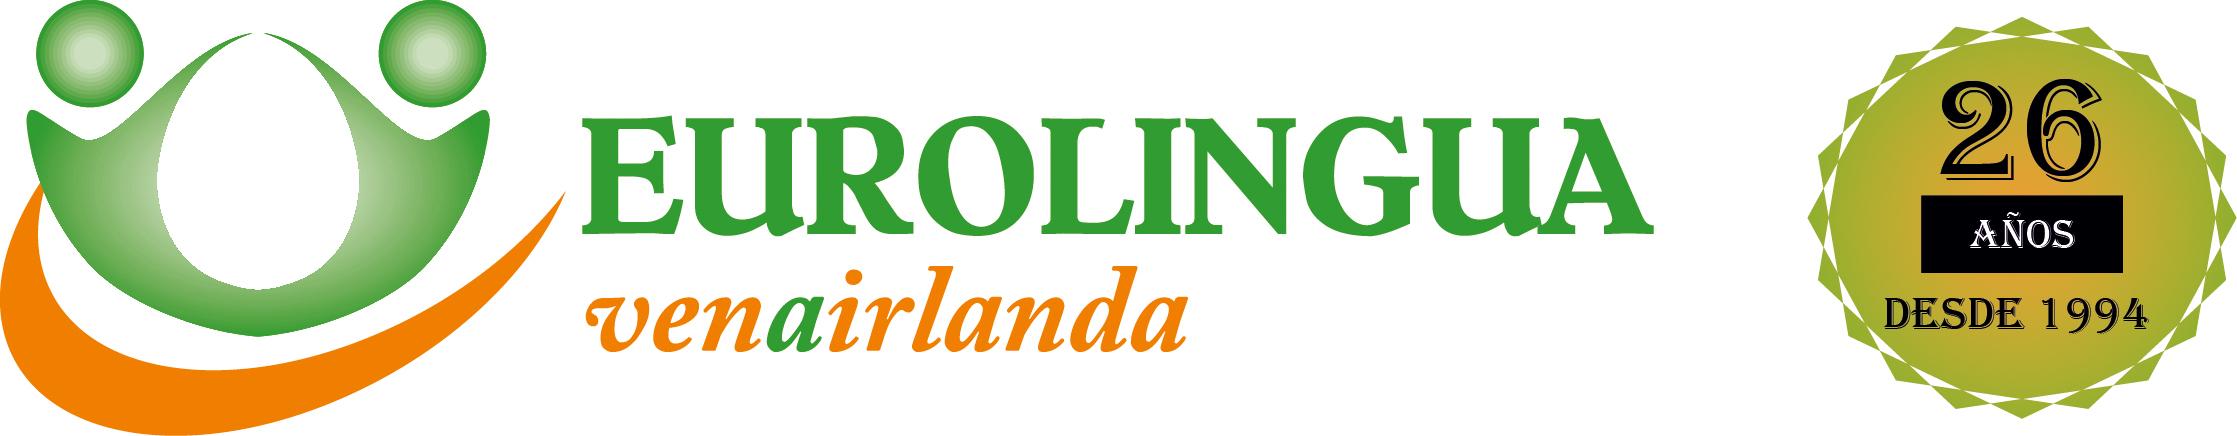 Eurolingua Venairlanda